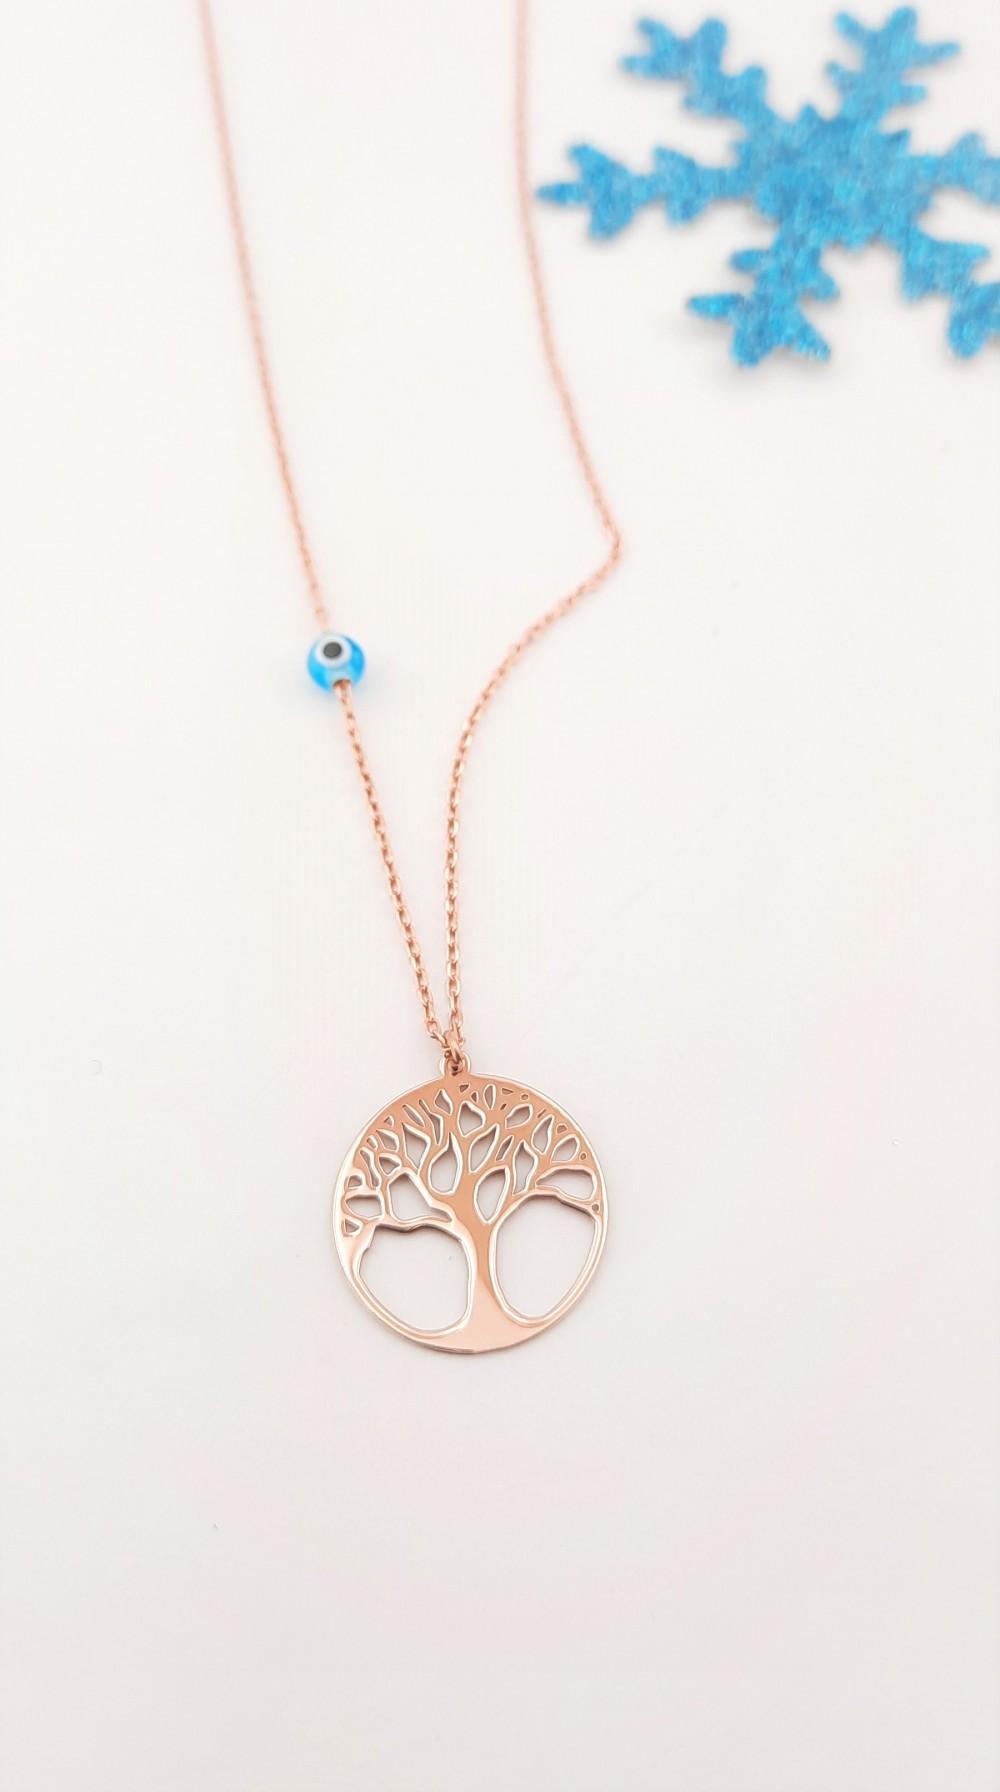 Küçük Hayat Ağacı Taşsız Rosegold Gümüş Kolye